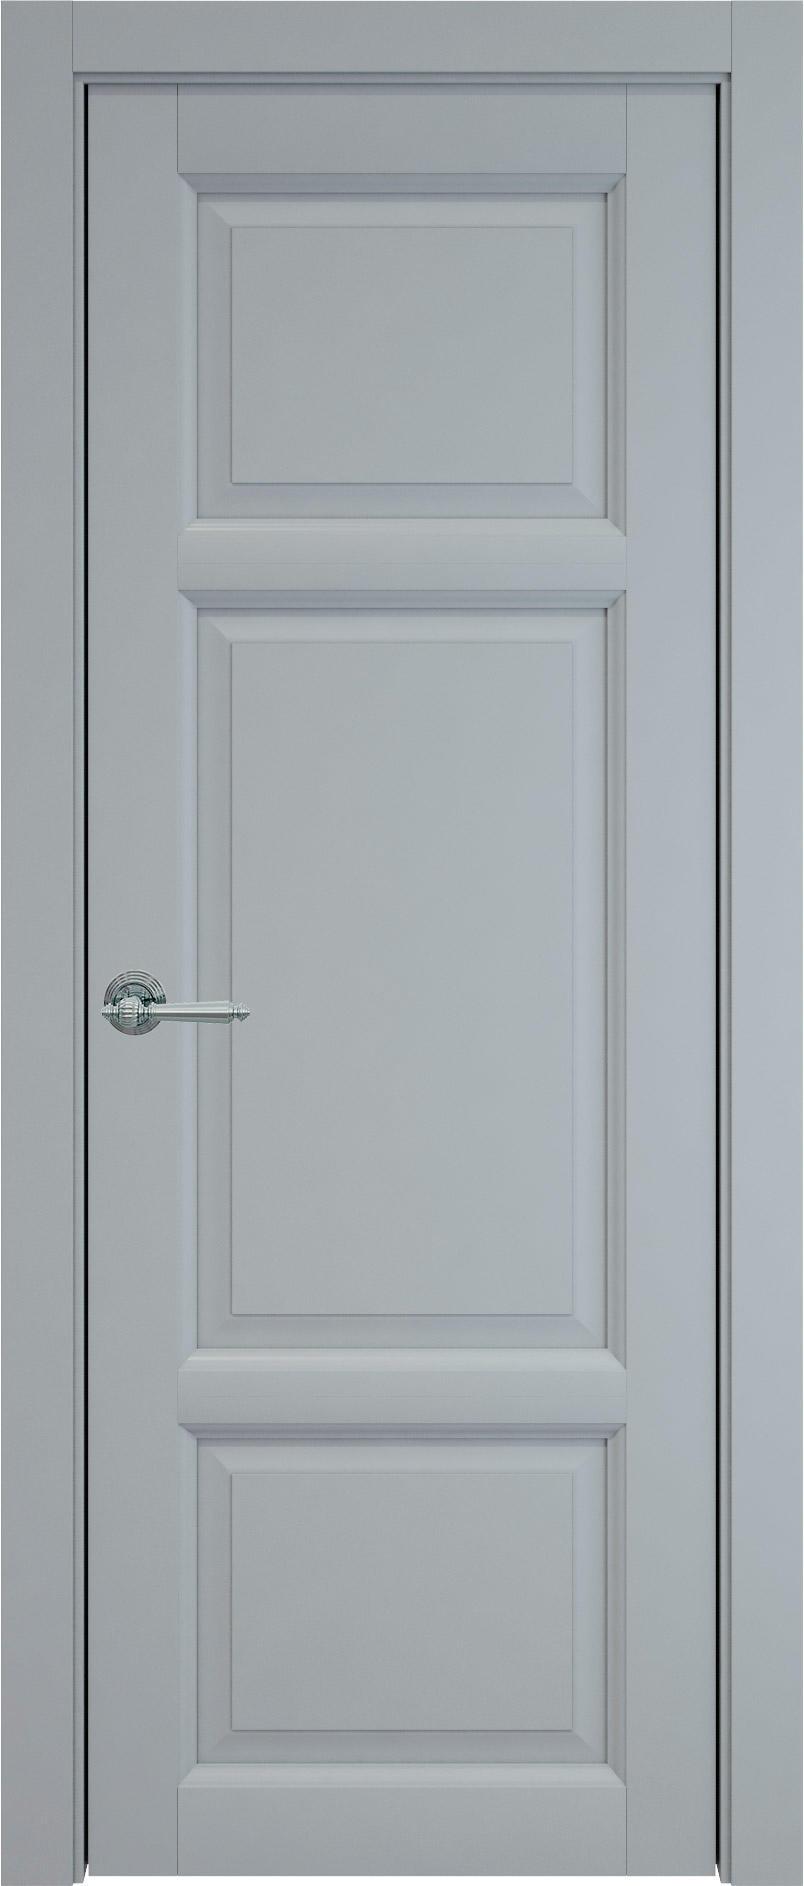 Siena цвет - Серебристо-серая эмаль (RAL 7045) Без стекла (ДГ)